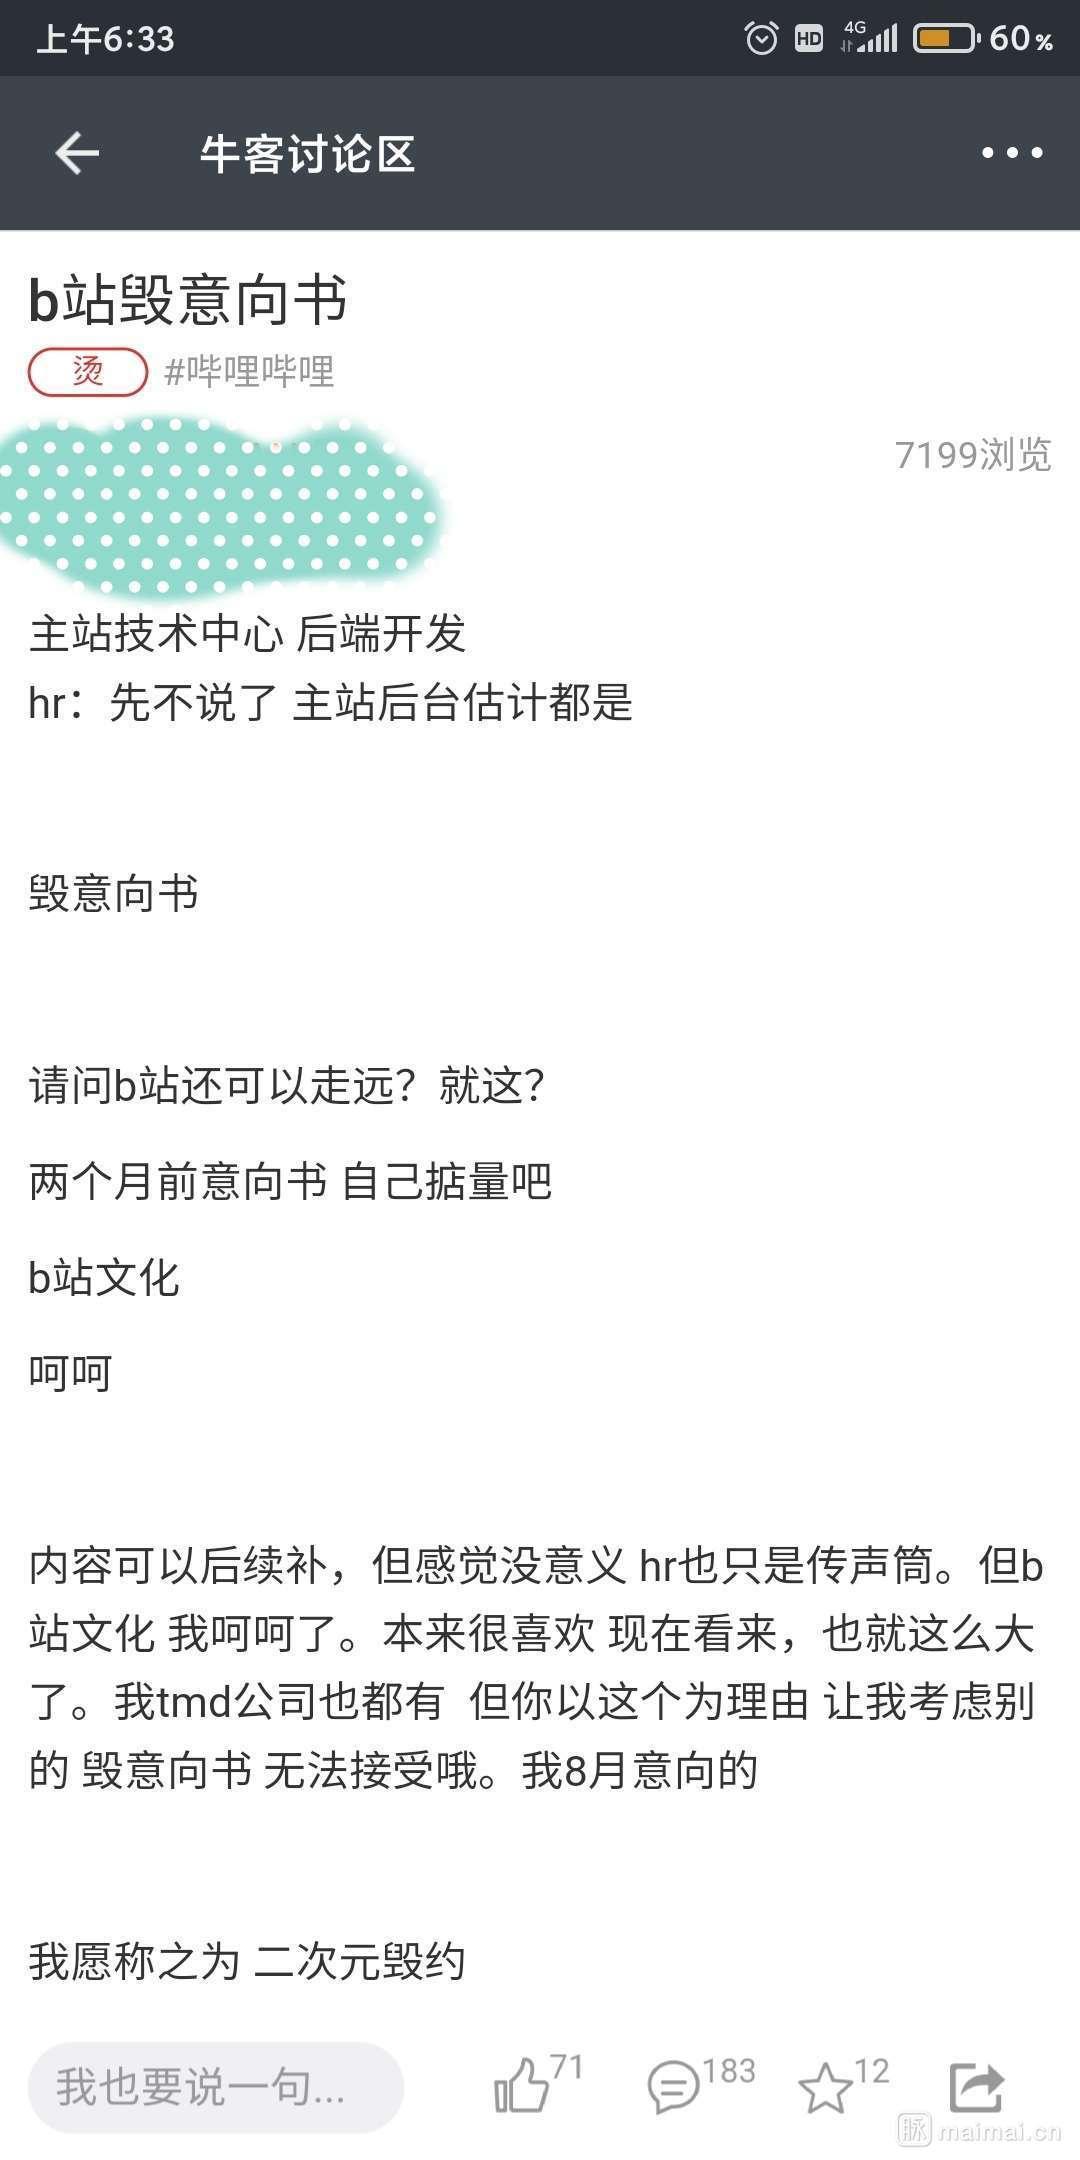 b站毁意向,老哥们怎么看北京字节跳动科技有限公司员工:*…插图